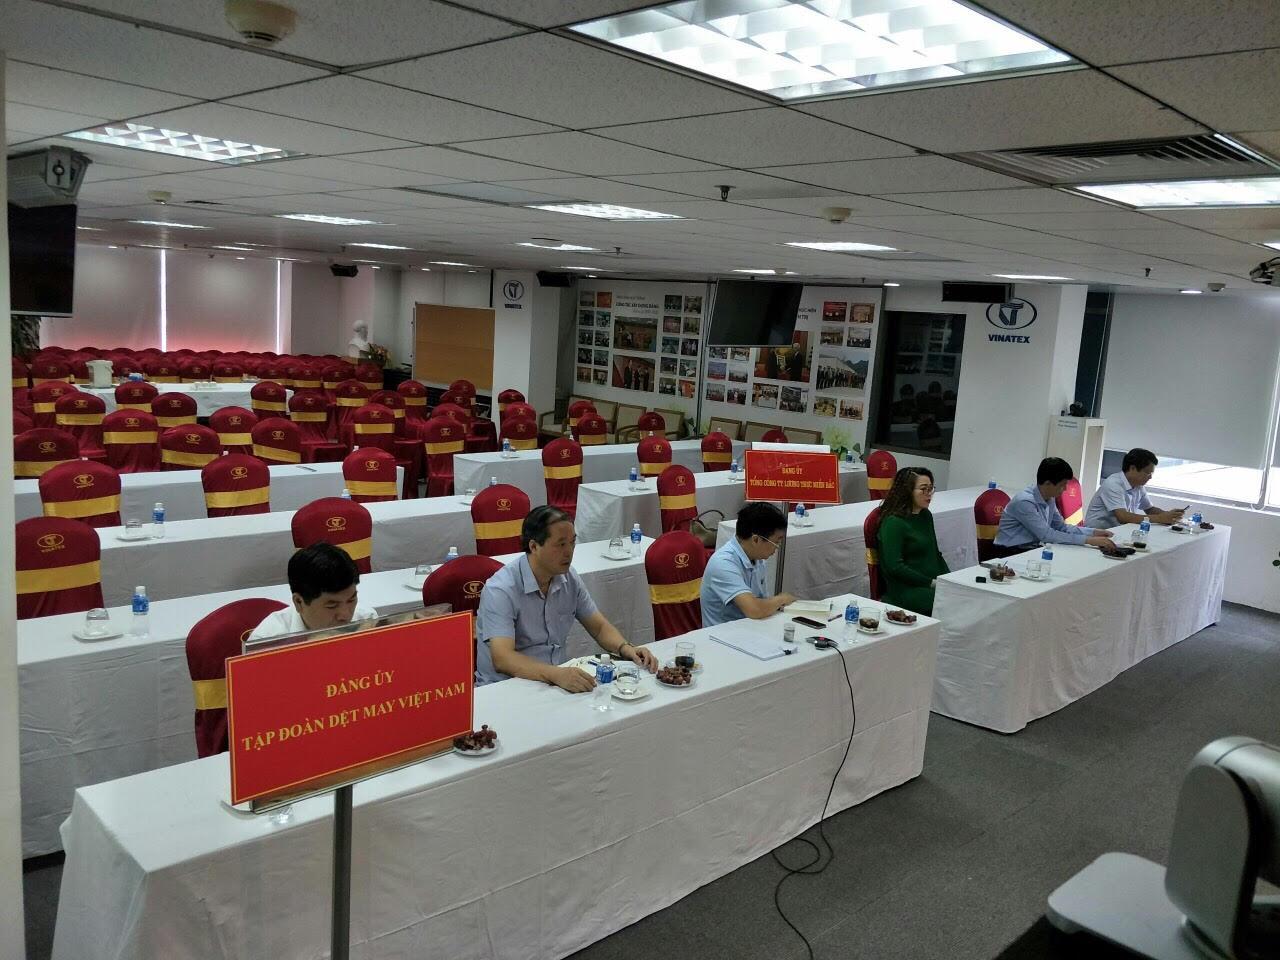 Các đại biểu tham dự Hội nghị tại điểm cầu Đảng ủy Tập đoàn Dệt may Việt Nam và Tổng công ty Lương thực miền Bắc.